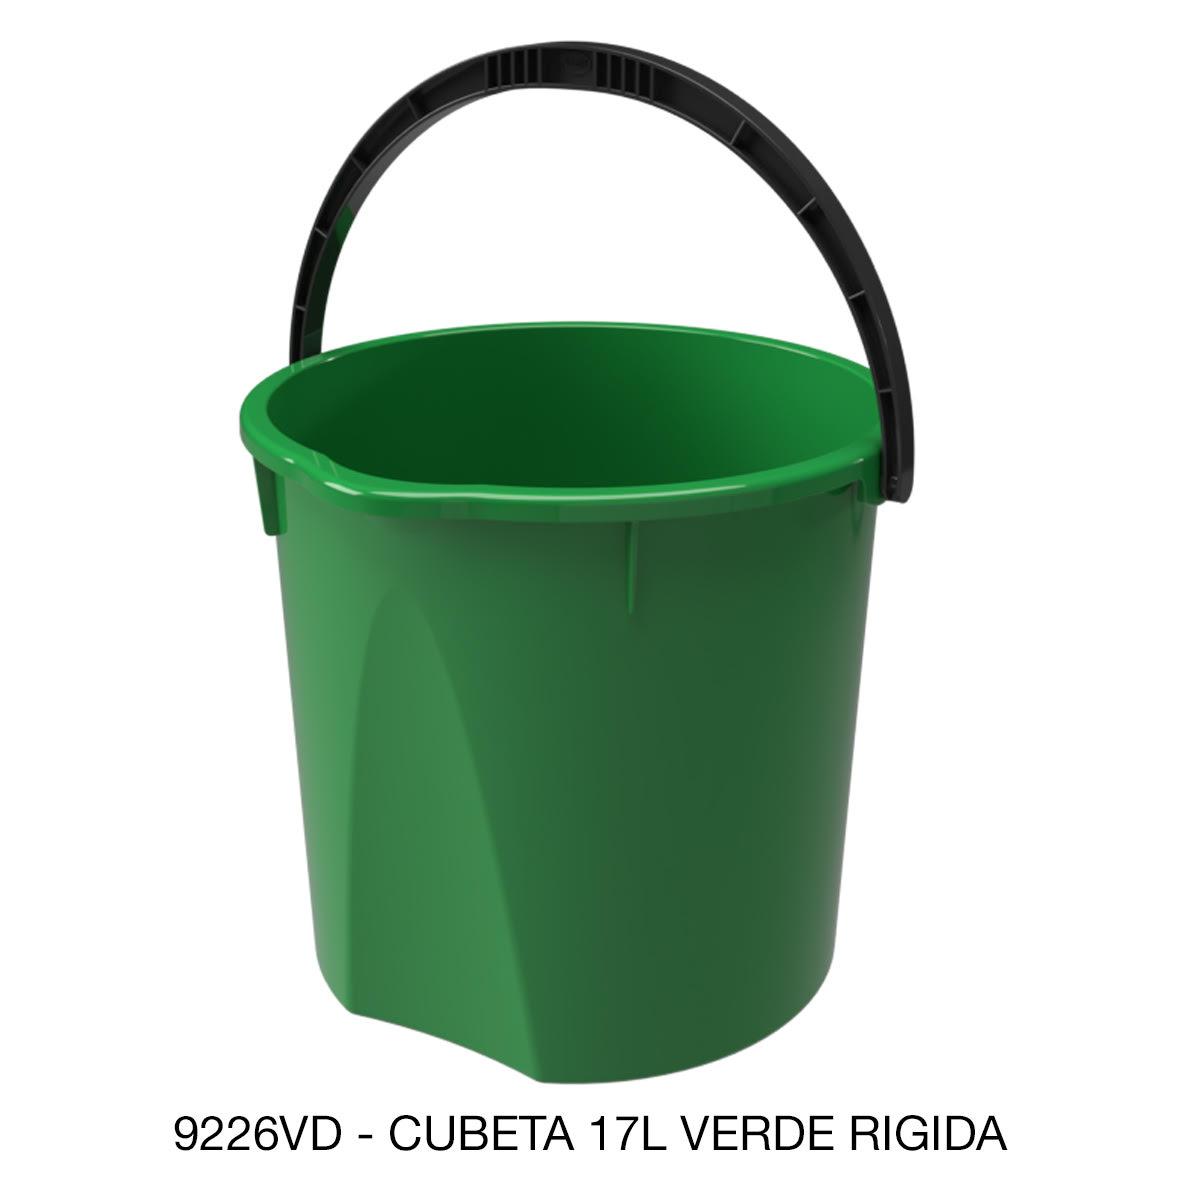 Cubeta resistente de 17 litros rígida color verde modelo 9226VD de Sablón